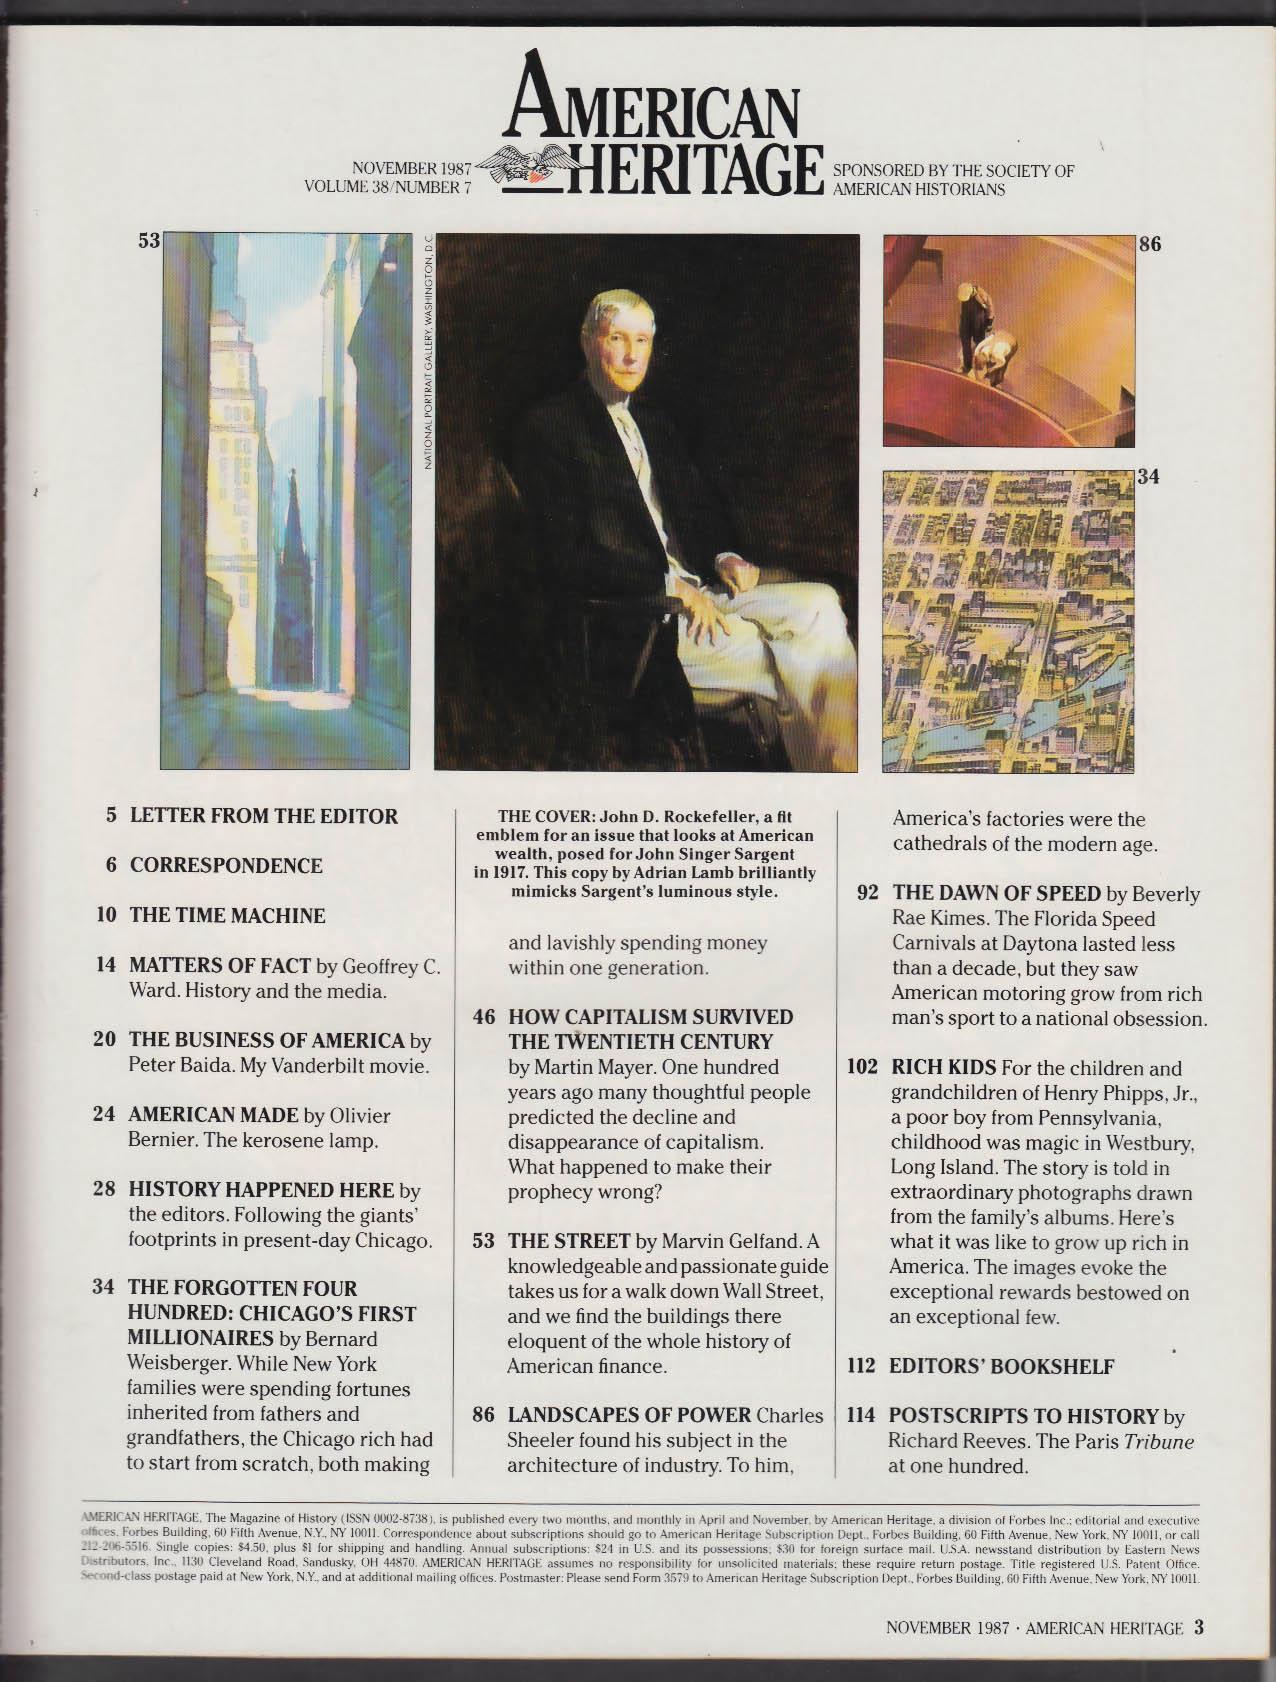 AMERICAN HERITAGE John D Rockefeller Henry Phipps Jr + 11 1987